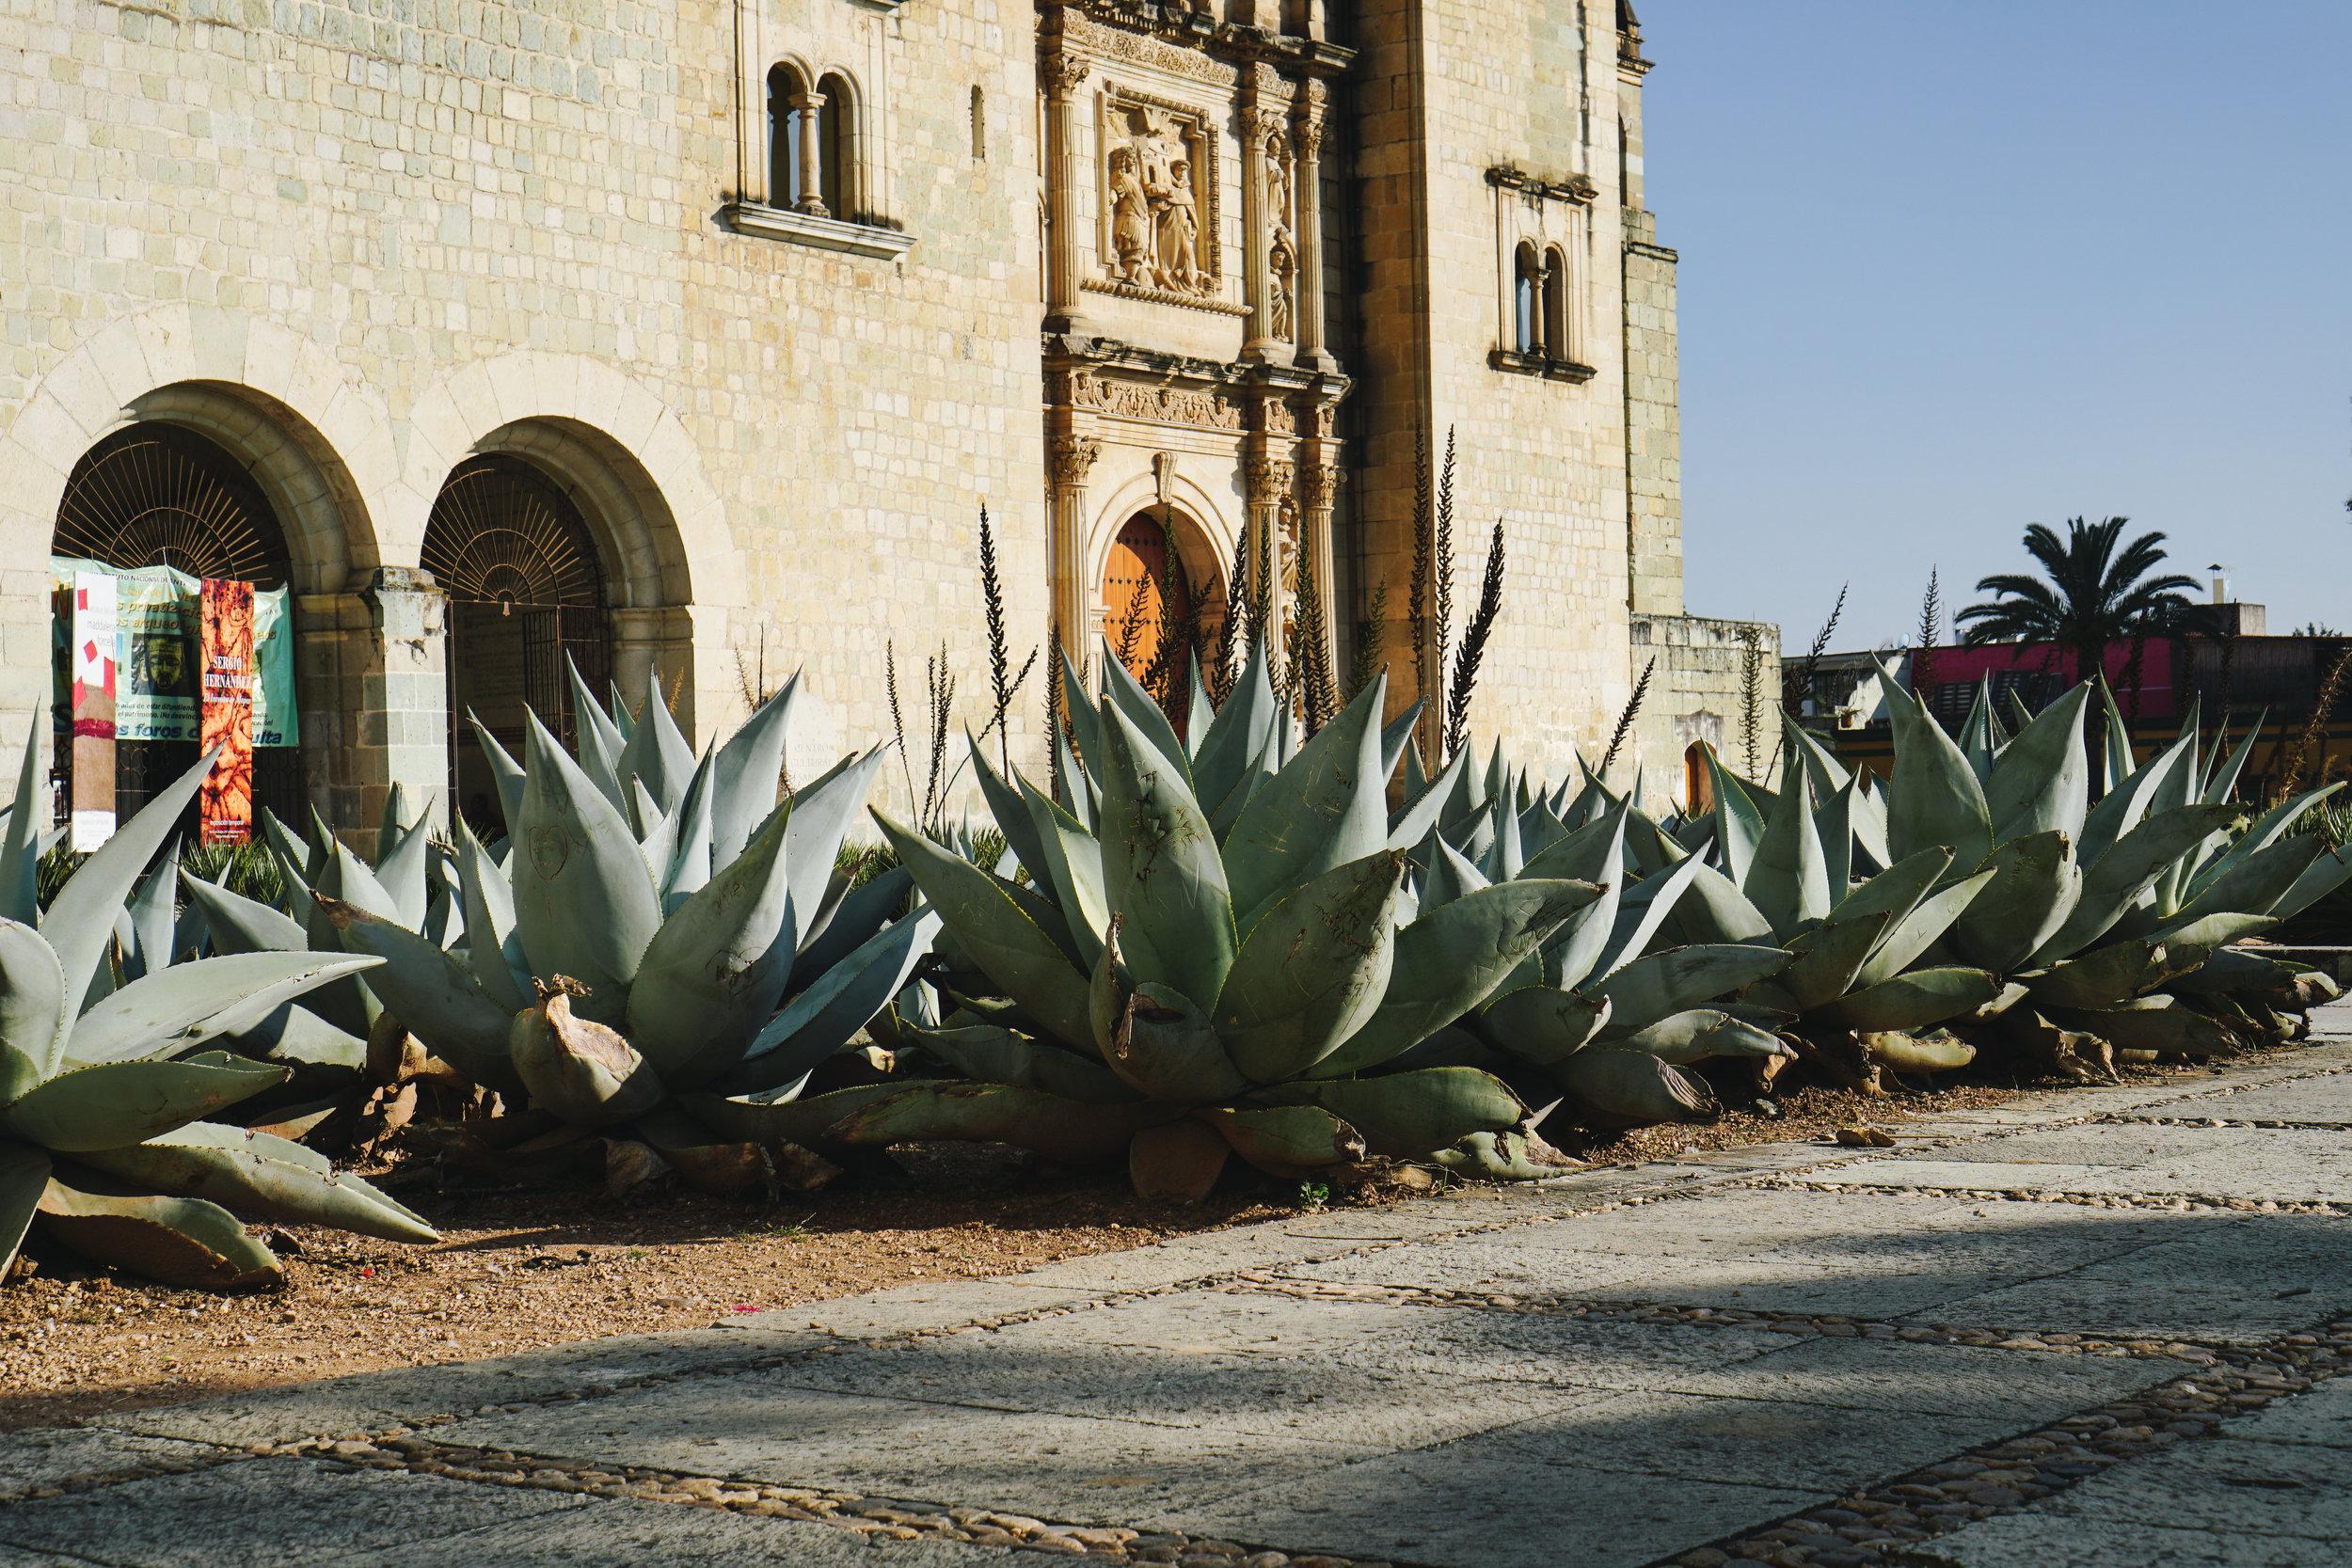 Insiders Guide to Oaxaca - www.letsregale.com 21.jpg